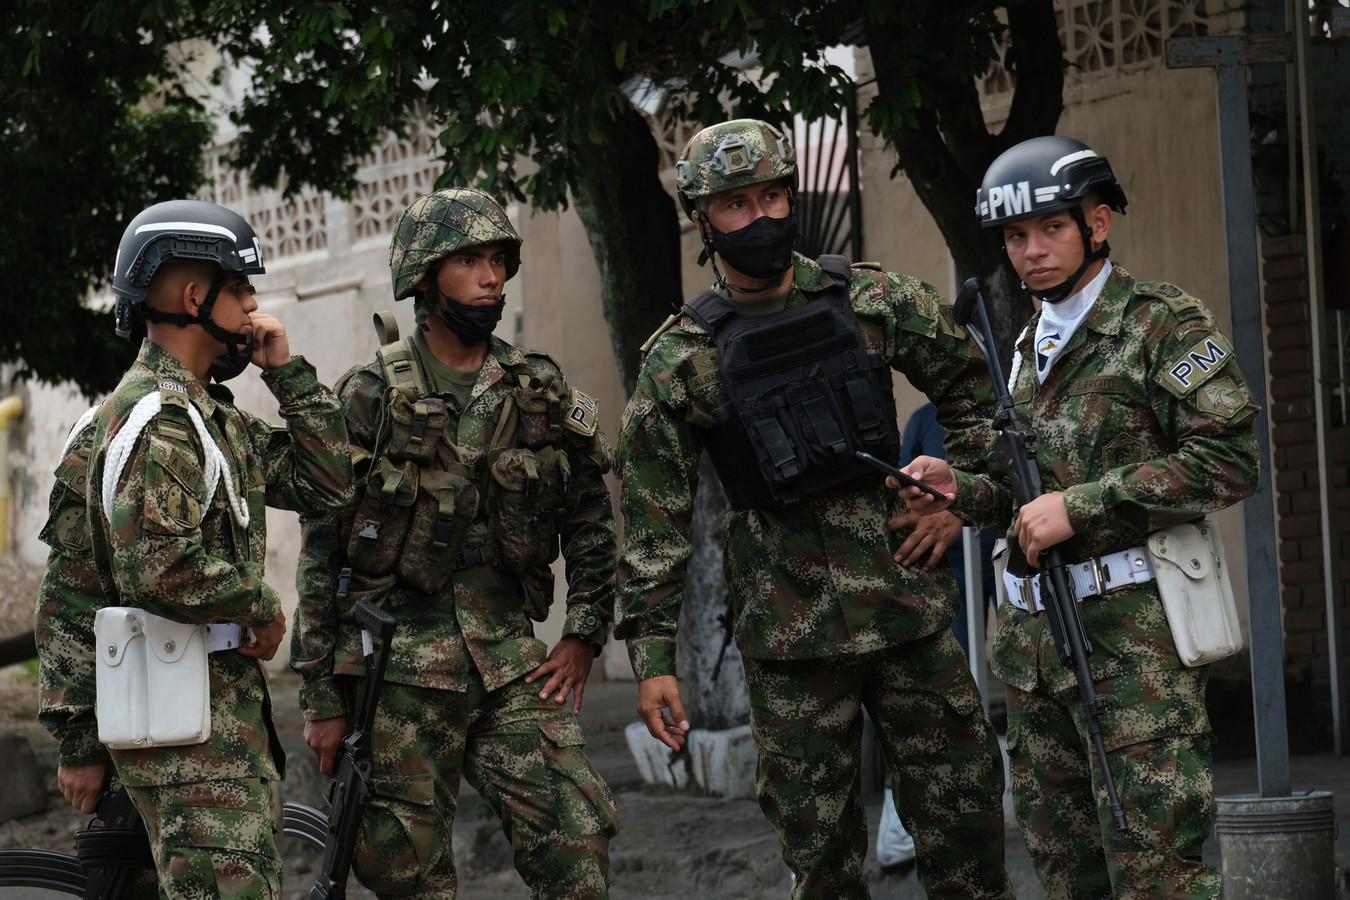 Soldaten staan op wacht bij de militaire basis in Cúcuta, Colombia, waar een autobom ontplofte.